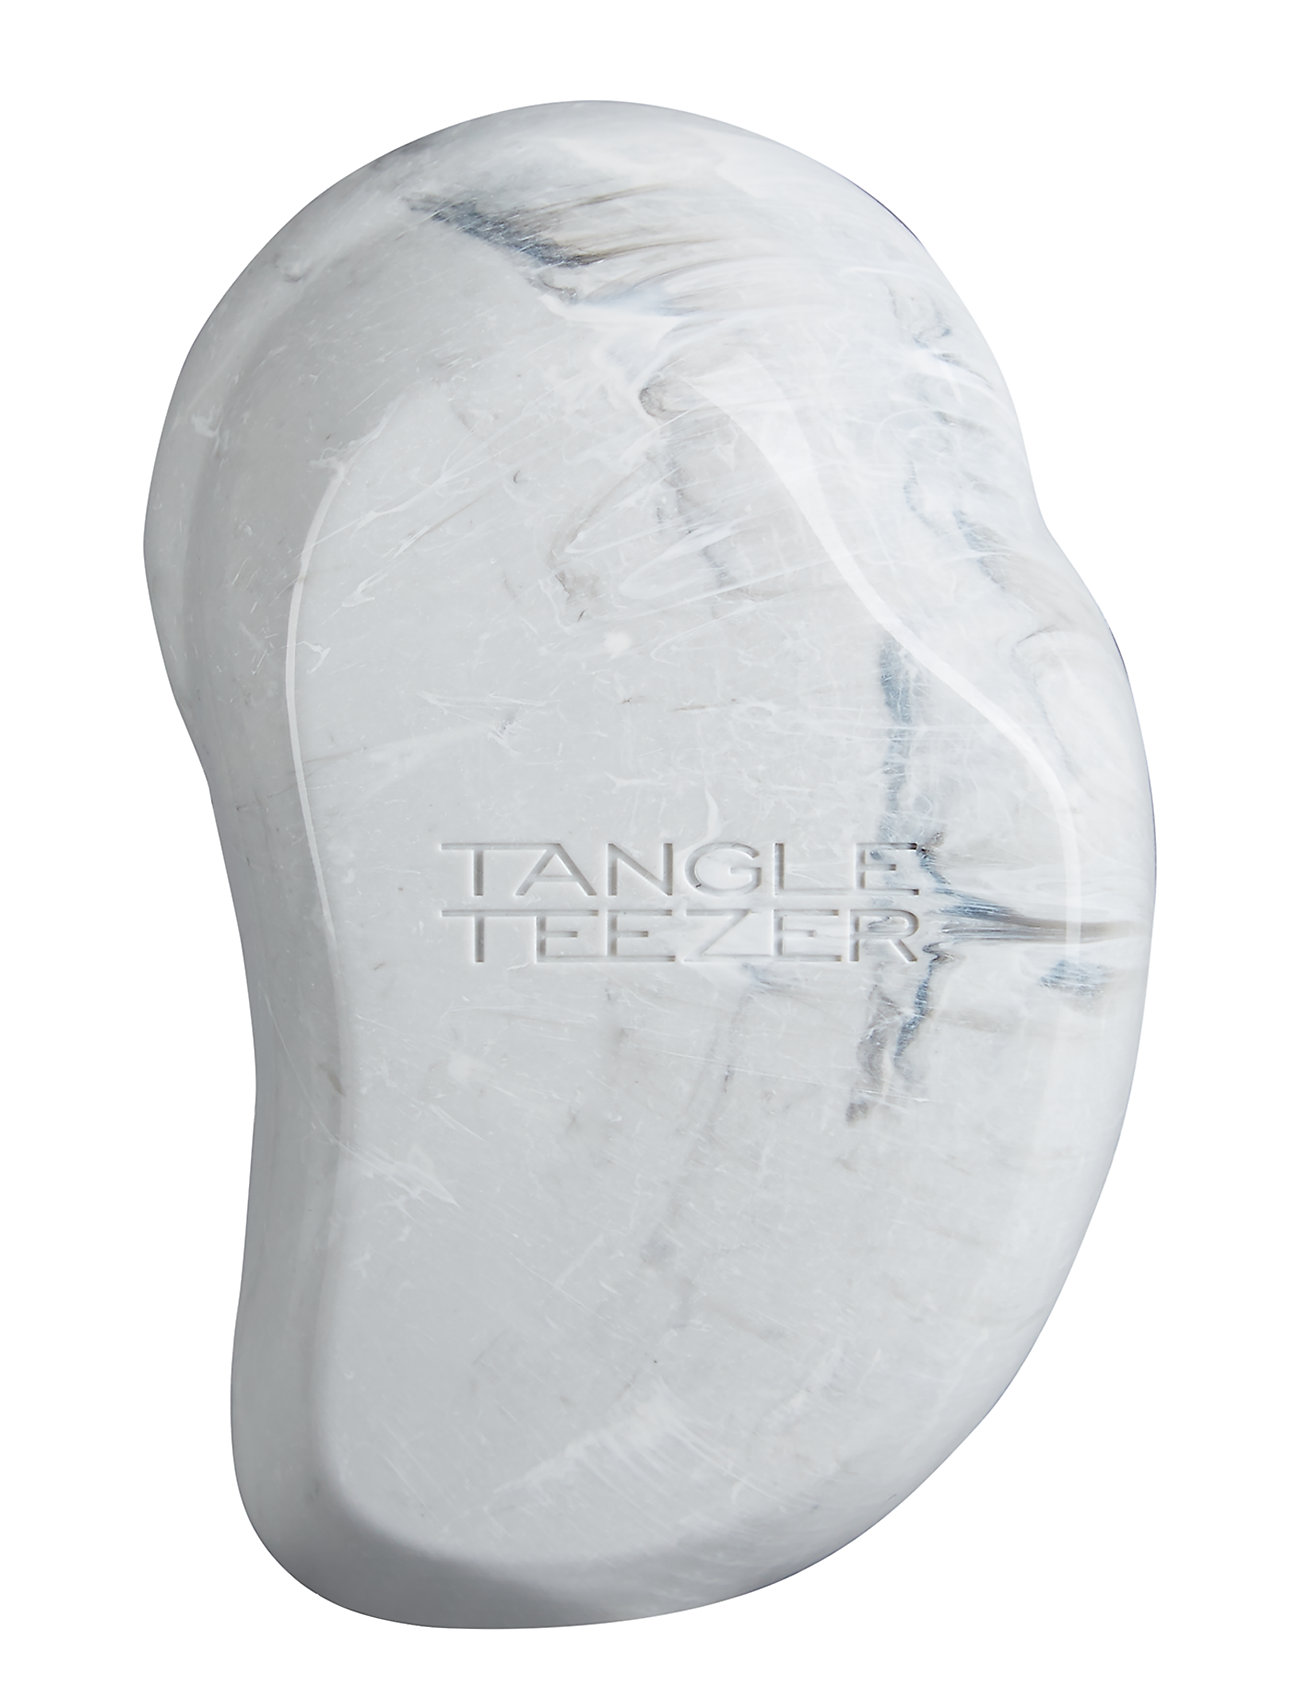 Tangle Teezer Tangle Teezer Original Grey Marble - CLEAR